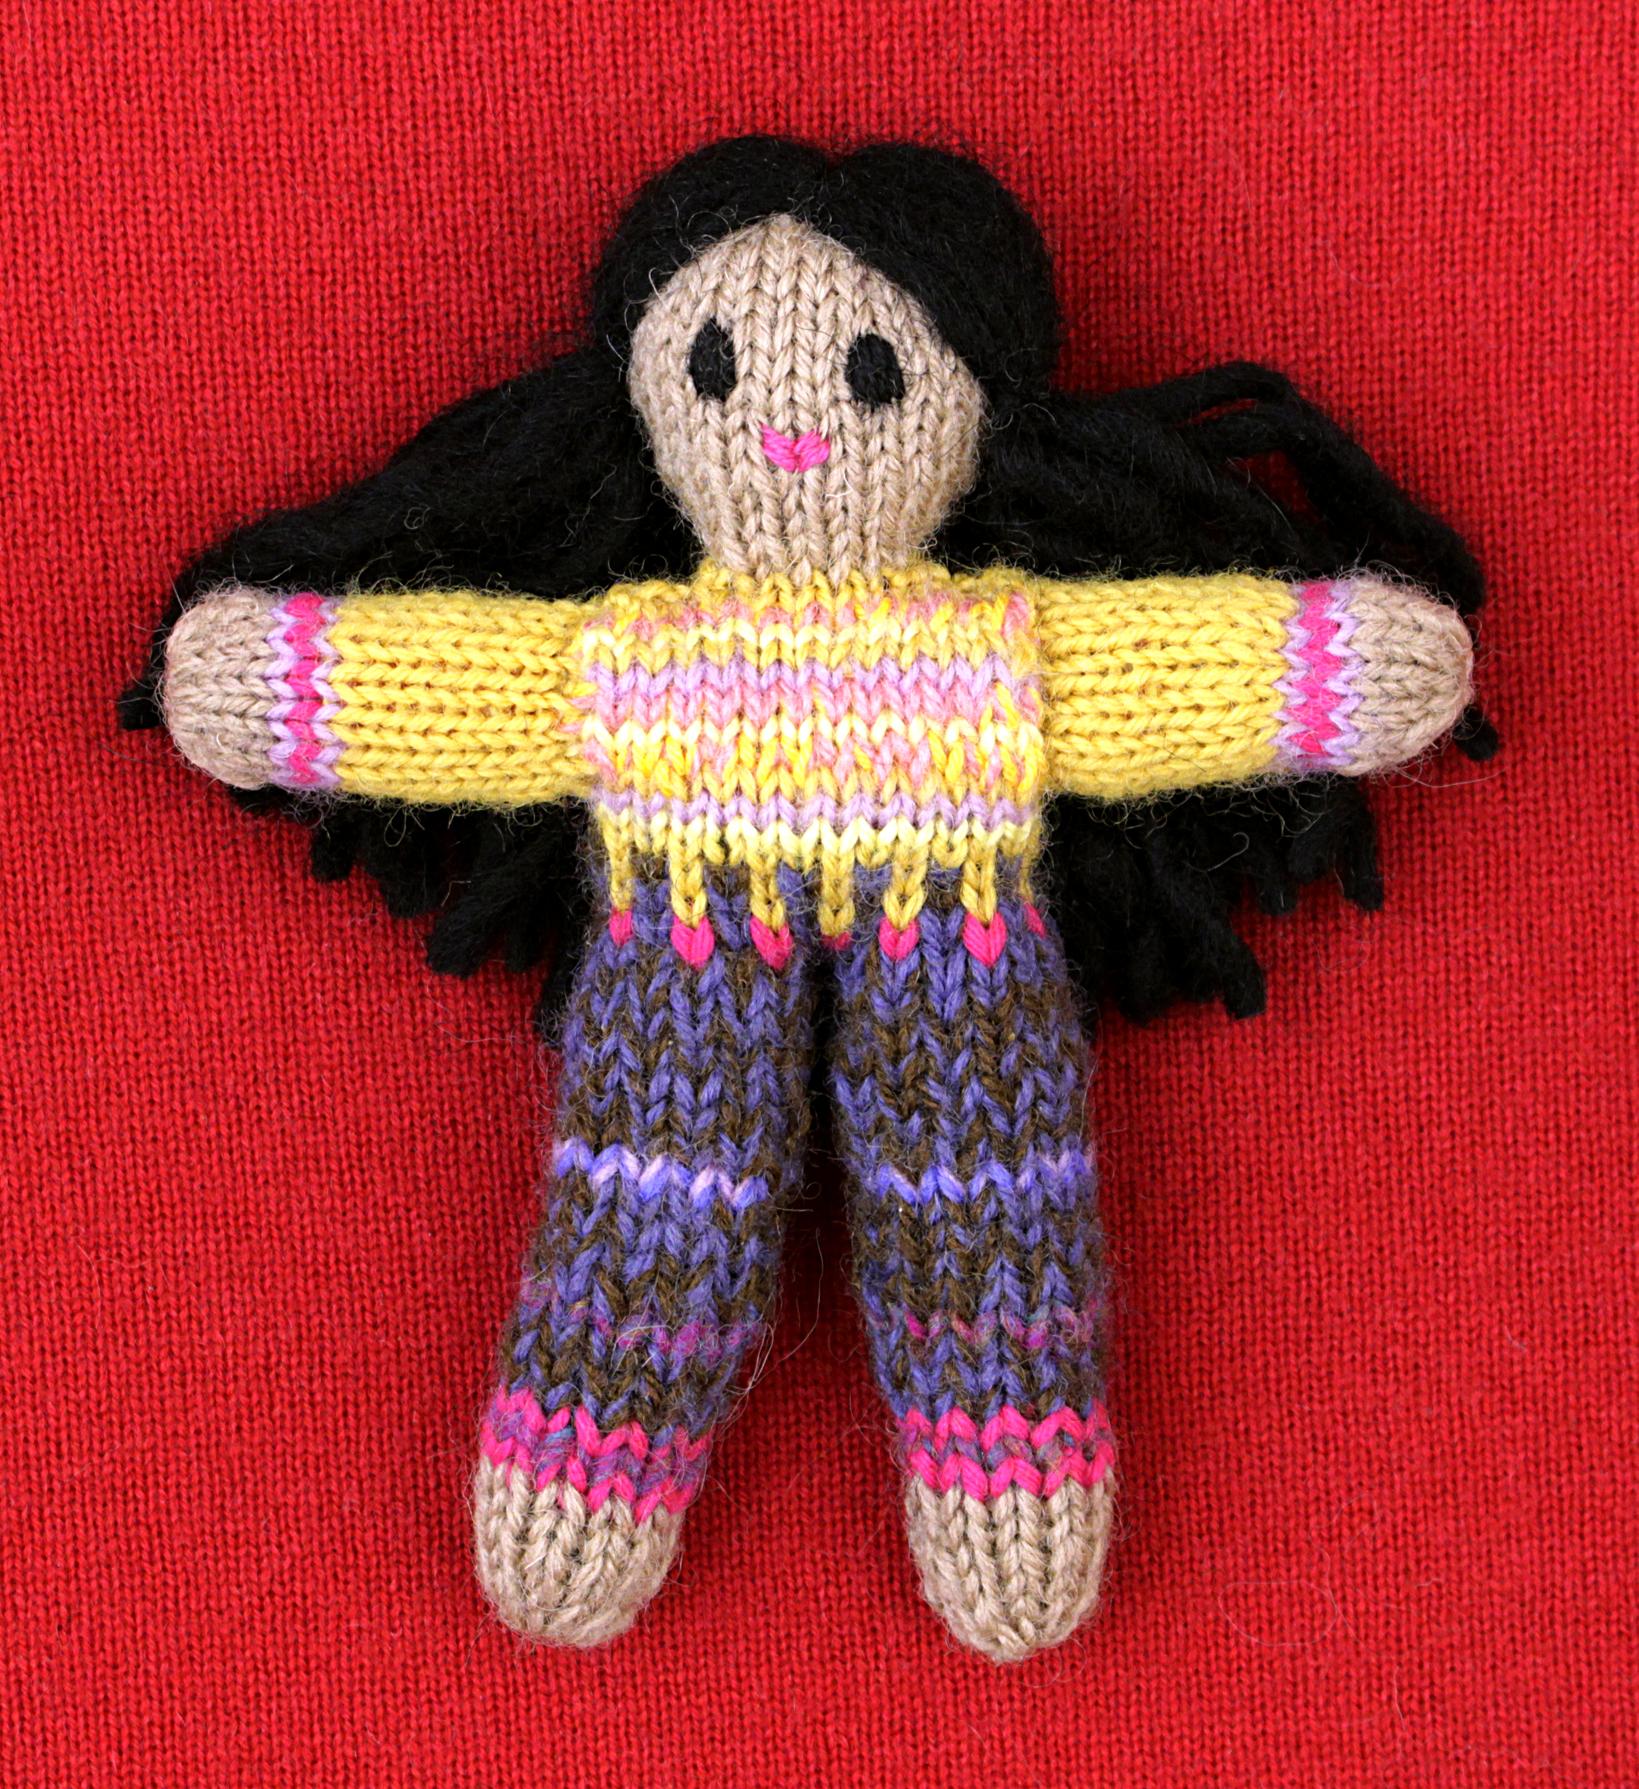 Wee Woolie doll #D0218.